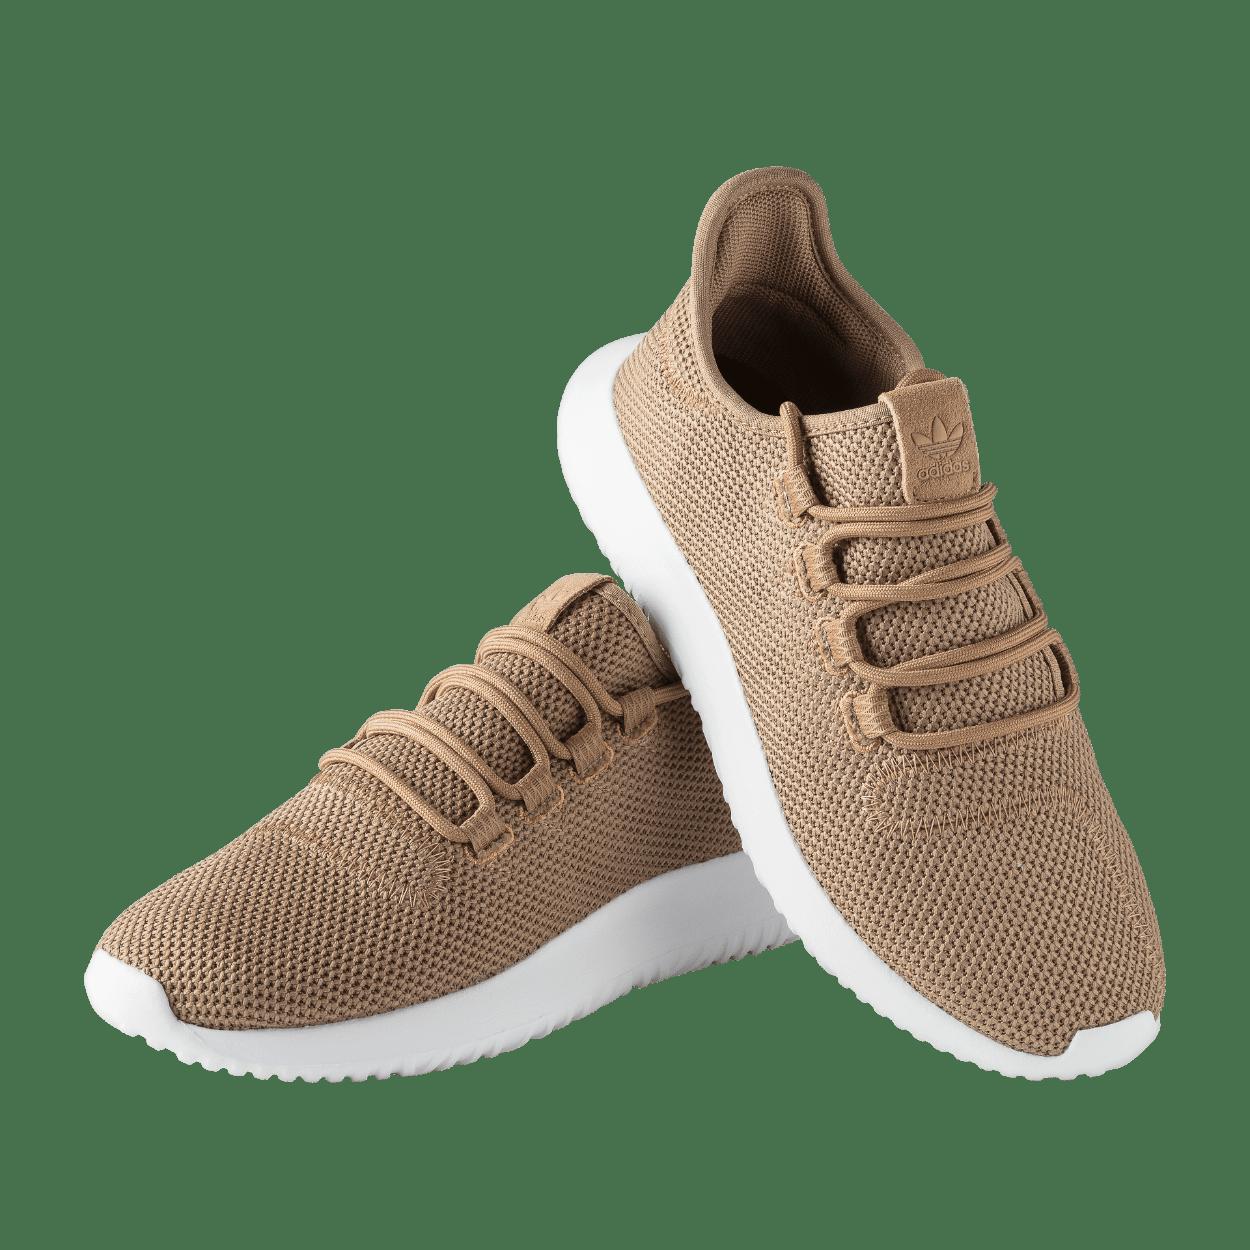 Aldi Adidas Sneakers Voordelig Adidas Bij Sneakers 8wOPNXn0kZ